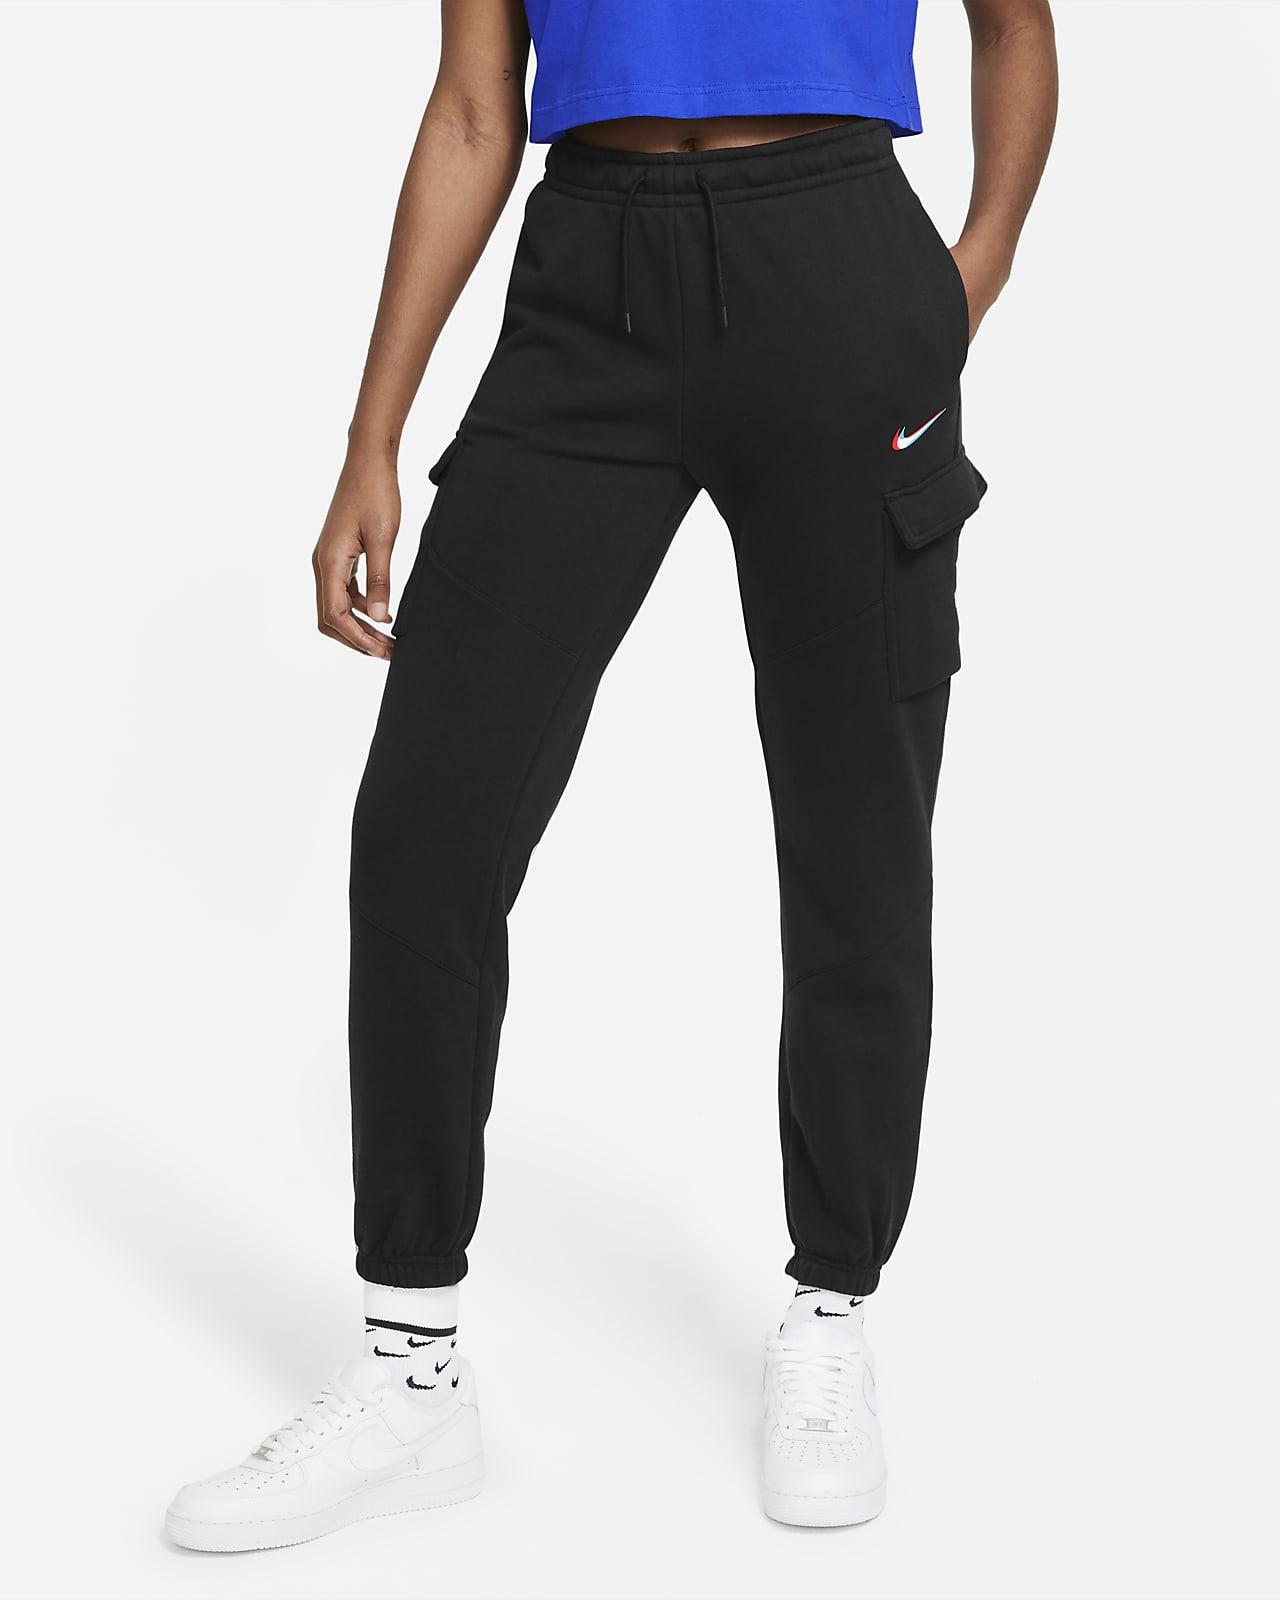 Damskie bojówki do tańca z dzianiny Nike Sportswear